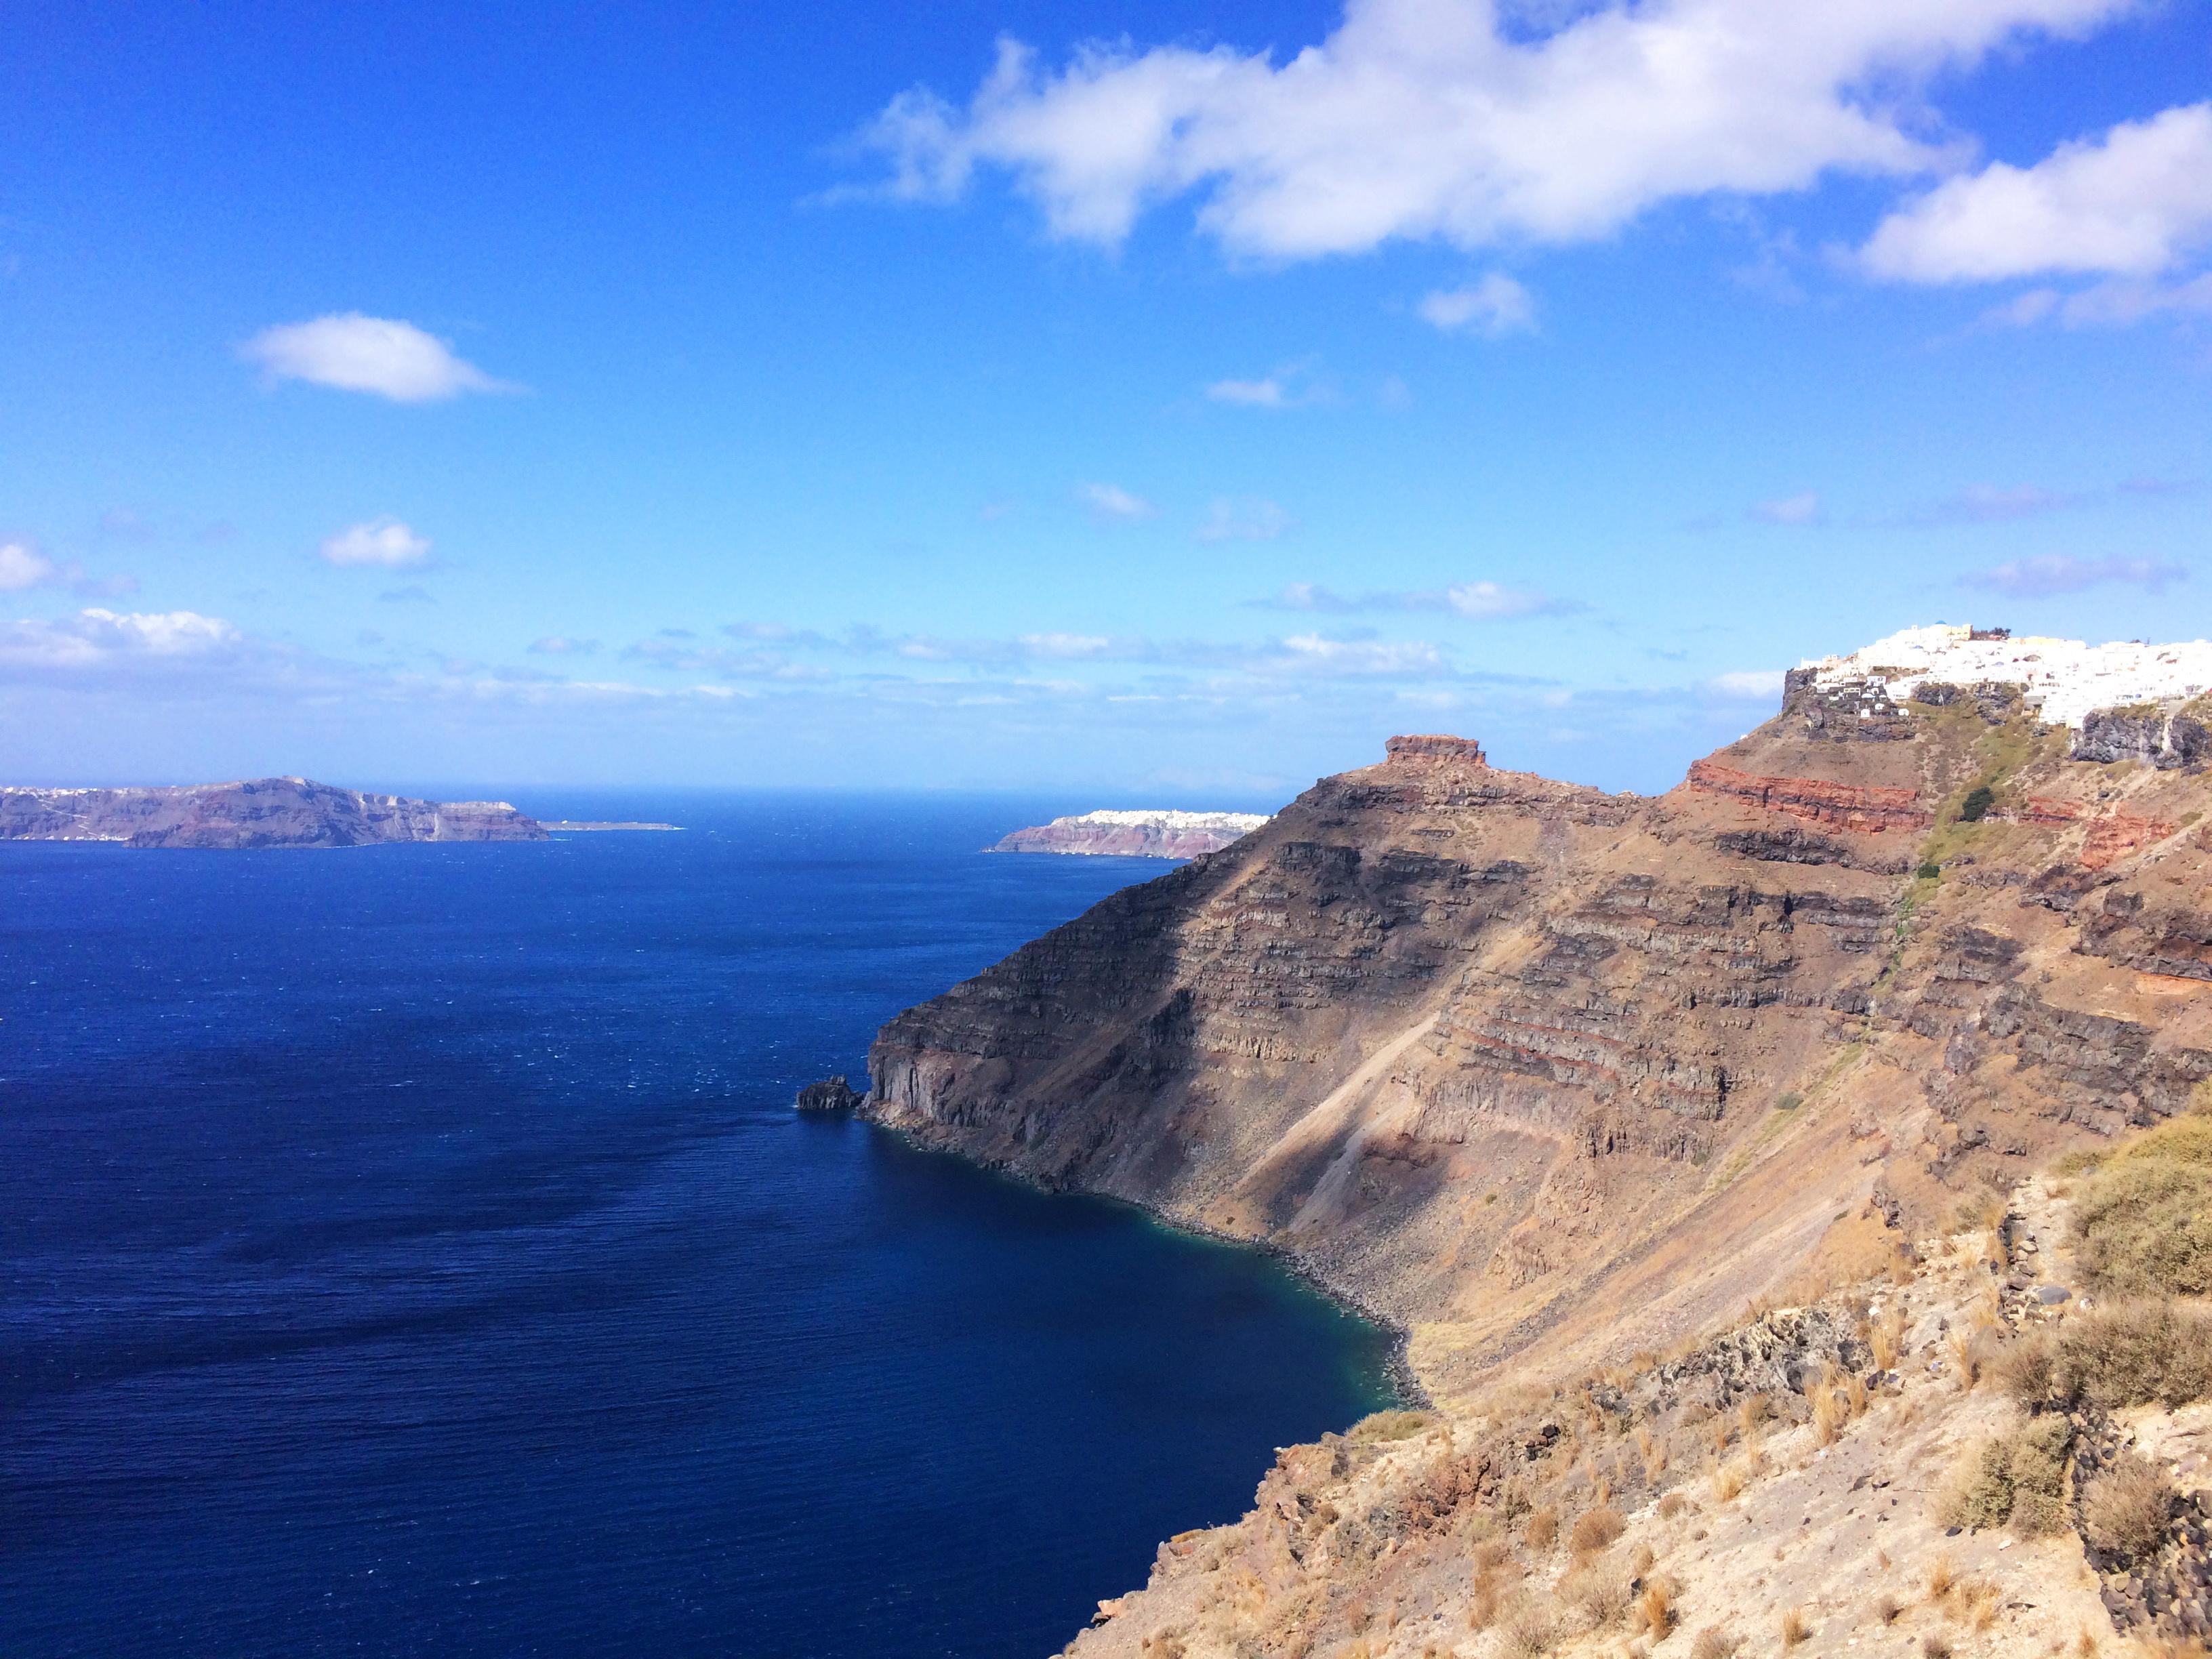 côte île Santorin Grèce paysage